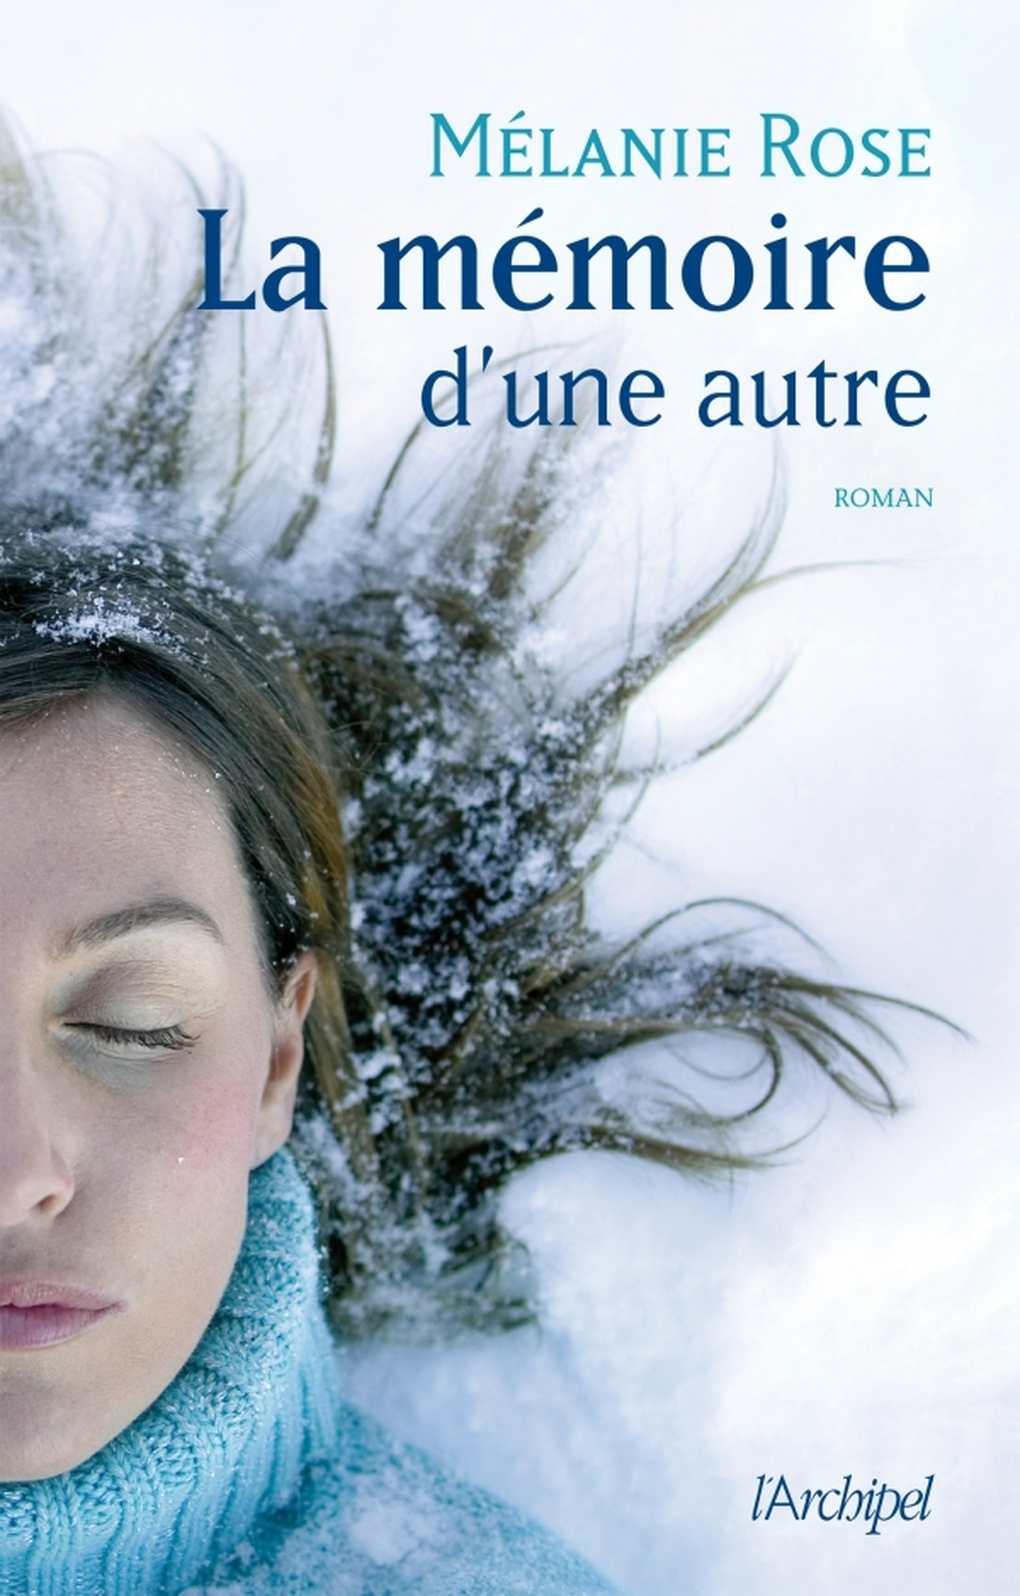 La mémoire d'une autre – Rose Mélanie – Editions Archipel